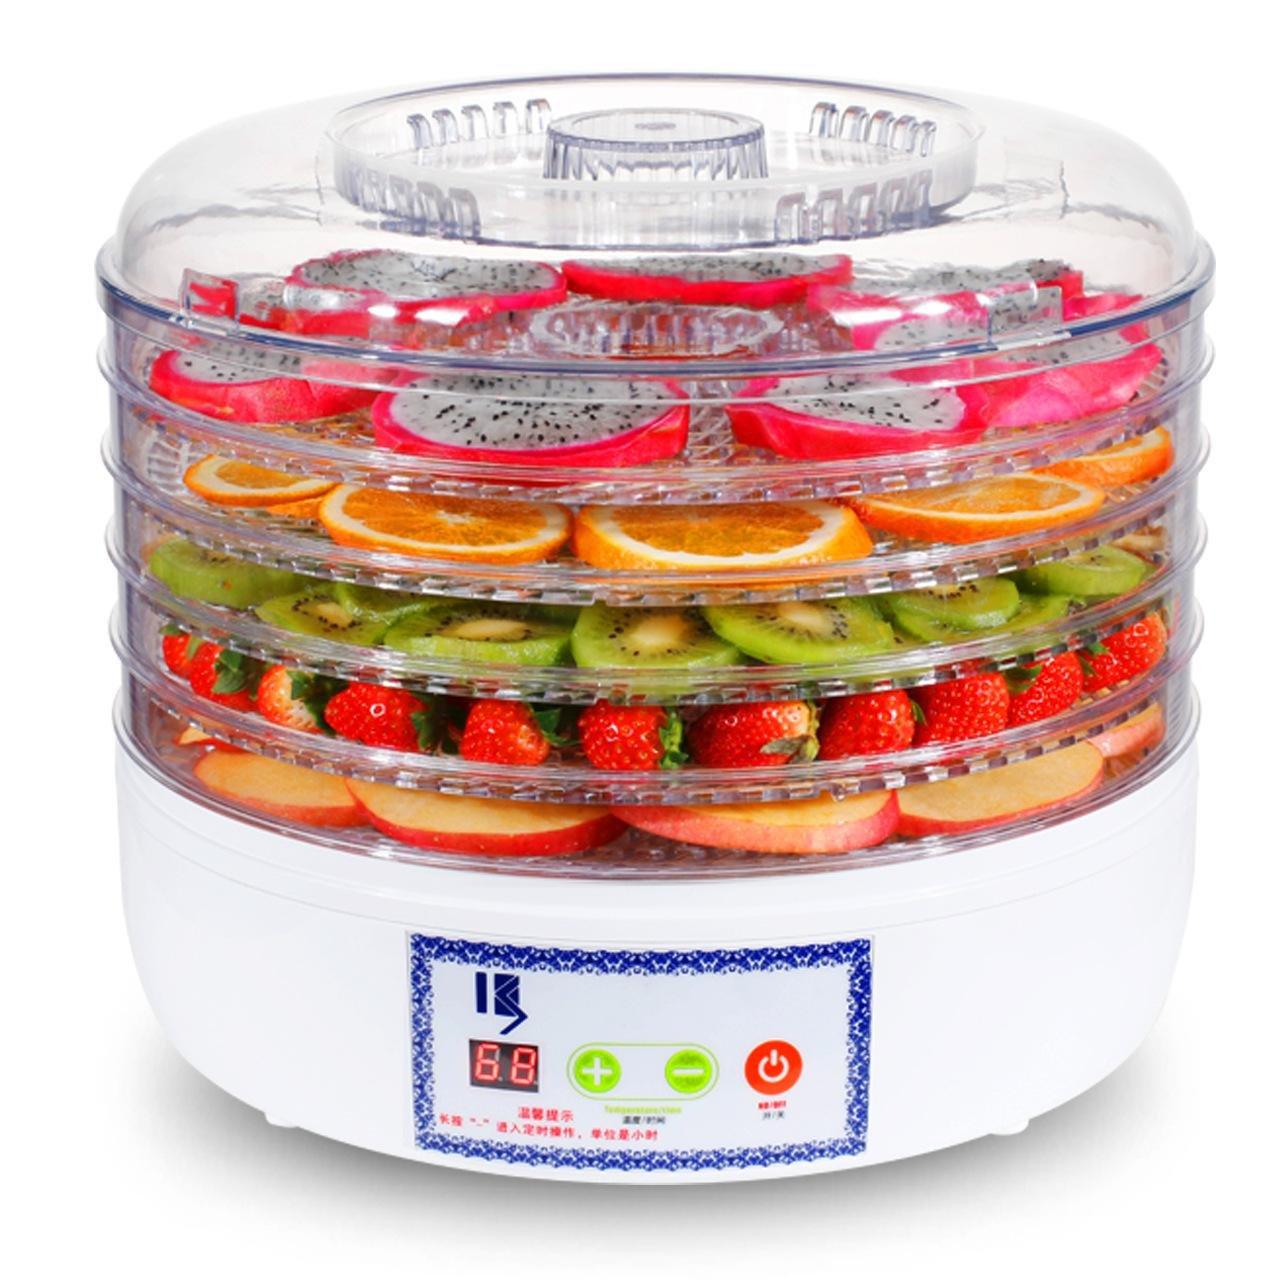 Felices compras Deshidratador Digital de de de Secadora de Alimentos Deshidratador de fruta de 5 niveles con control de temperatura ajustable y temporizador  popular